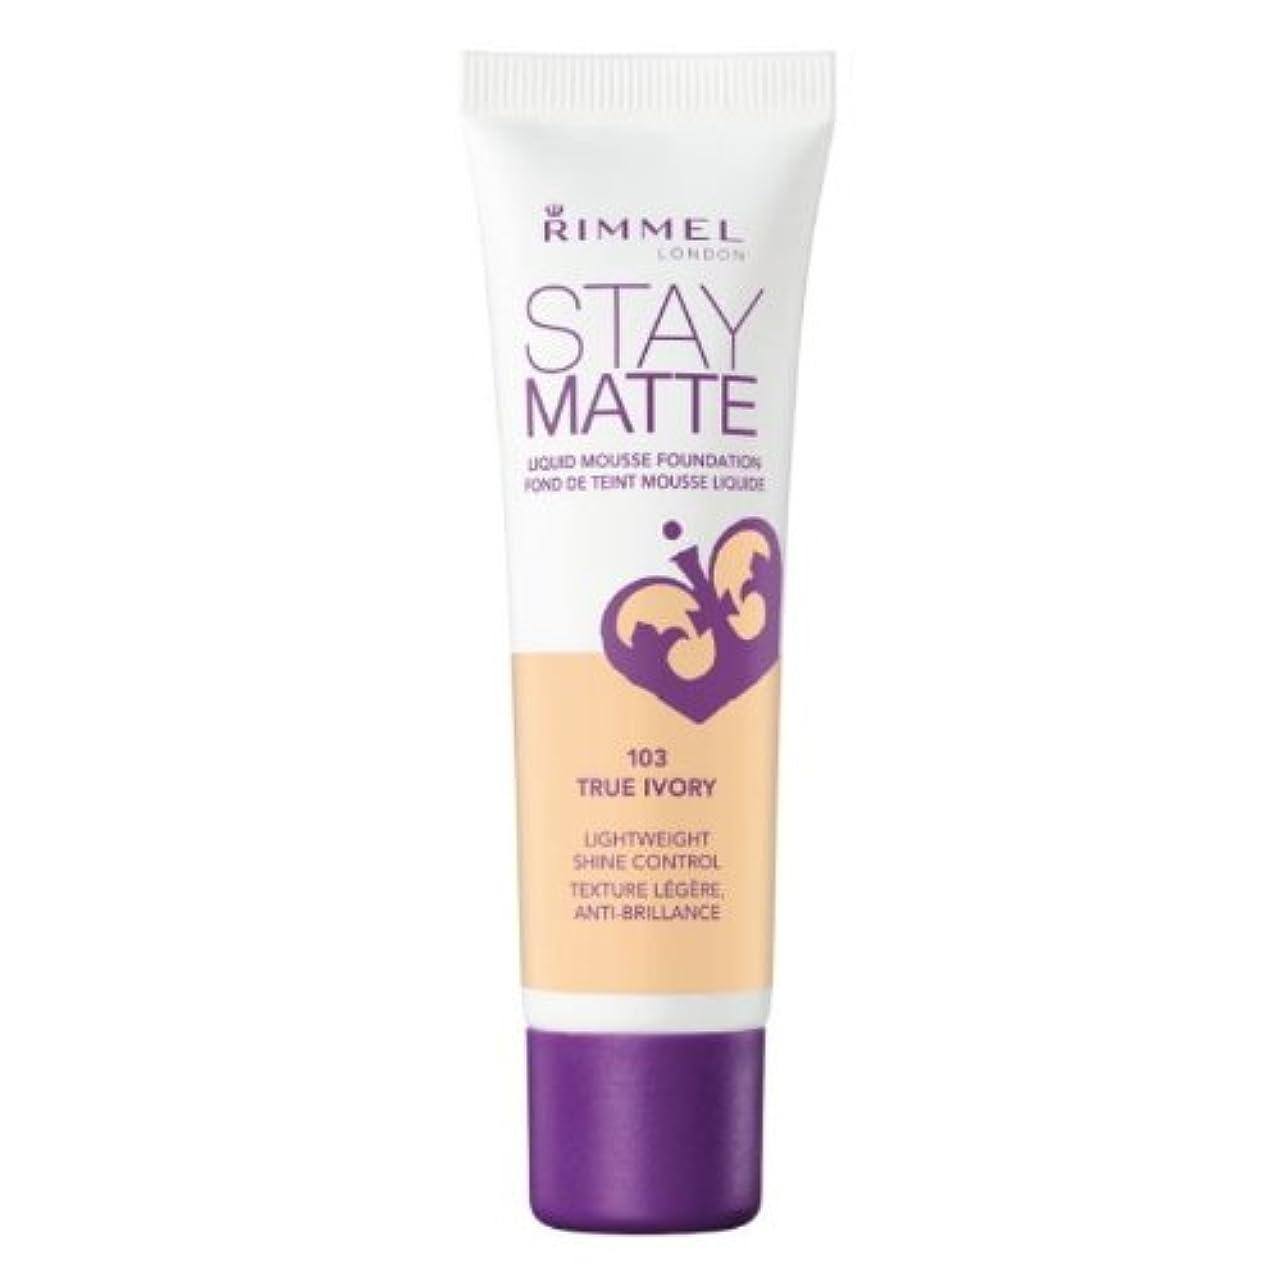 静かなビザ匿名RIMMEL LONDON Stay Matte Liquid Mousse Foundation - True Ivory (並行輸入品)